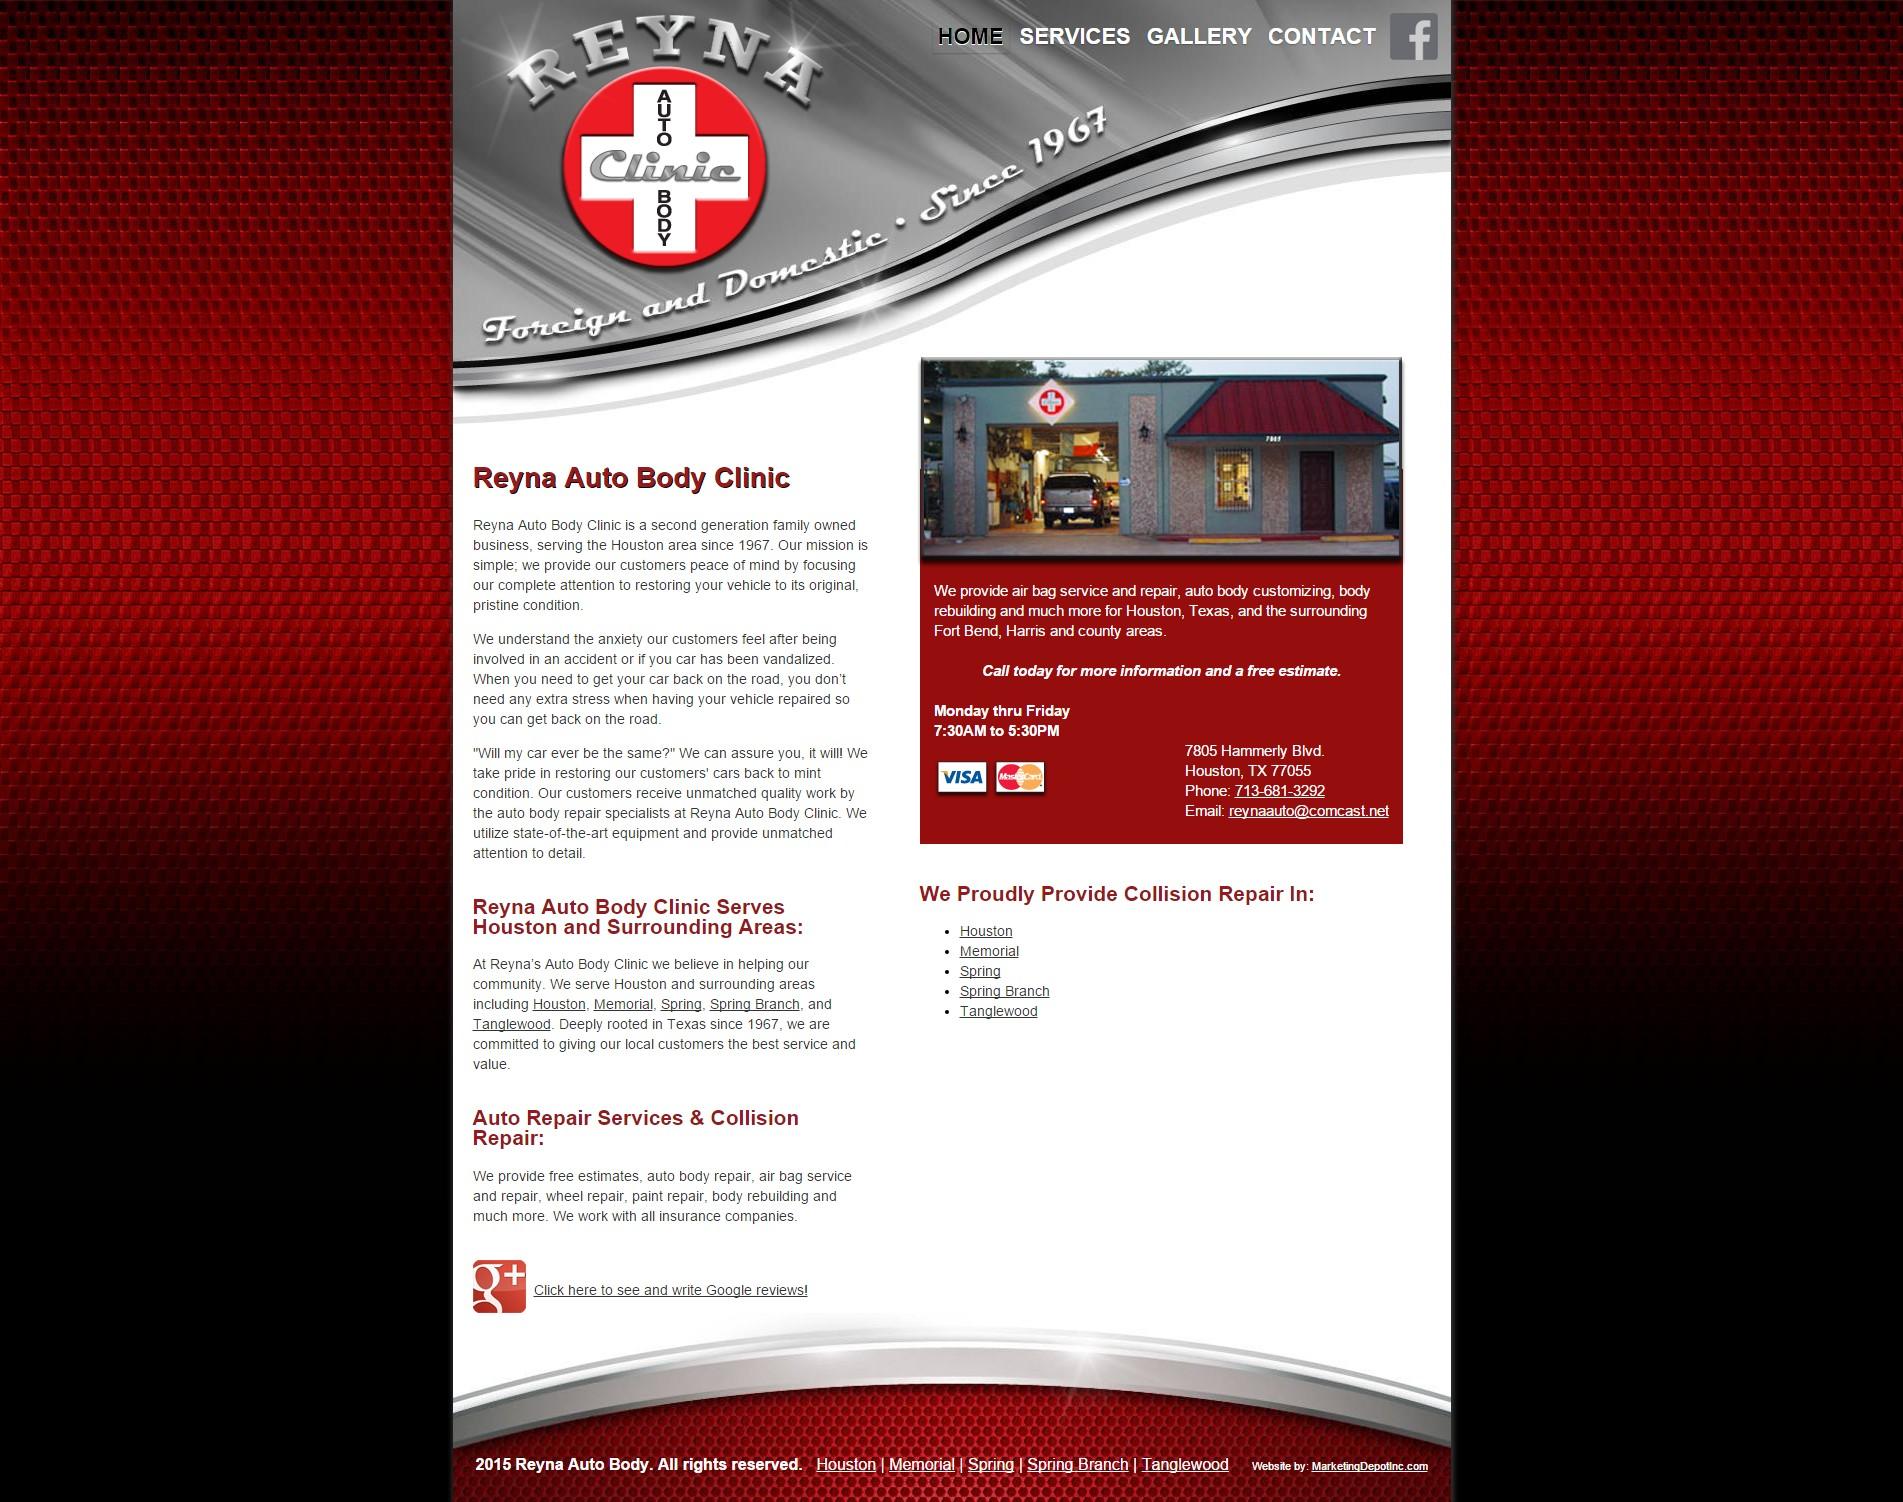 Reyna Auto Body Clinic